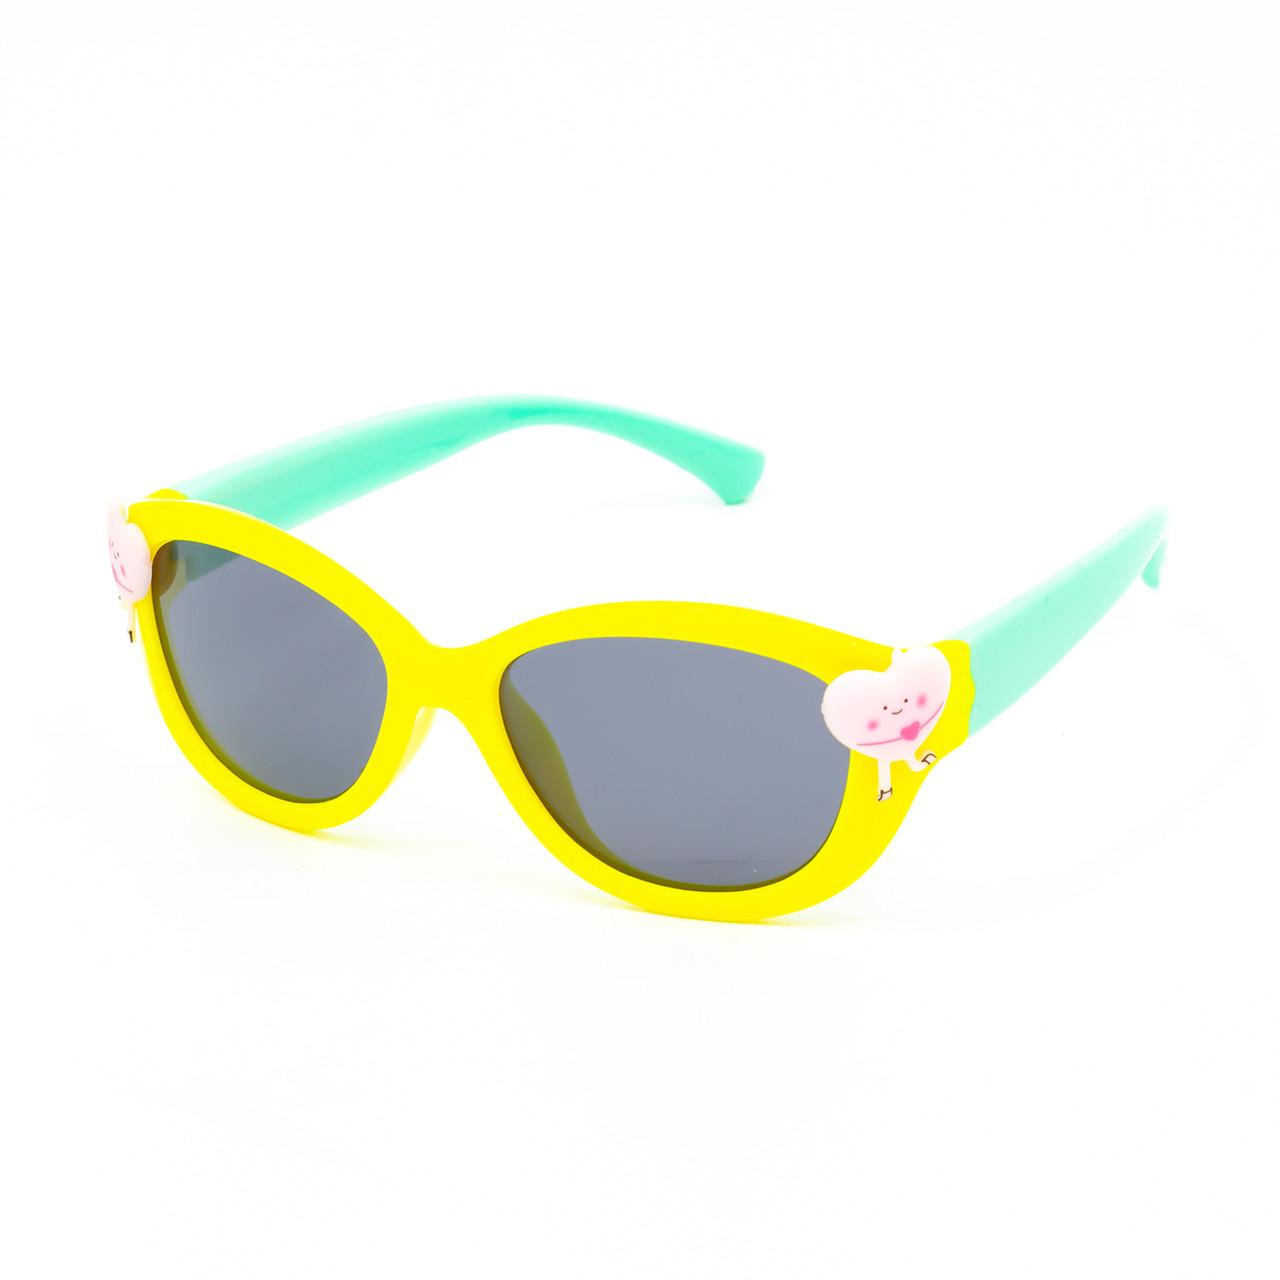 Солнцезащитные очки Marmilen 18160 C7 желтые с мятой ( KA18160-07 )